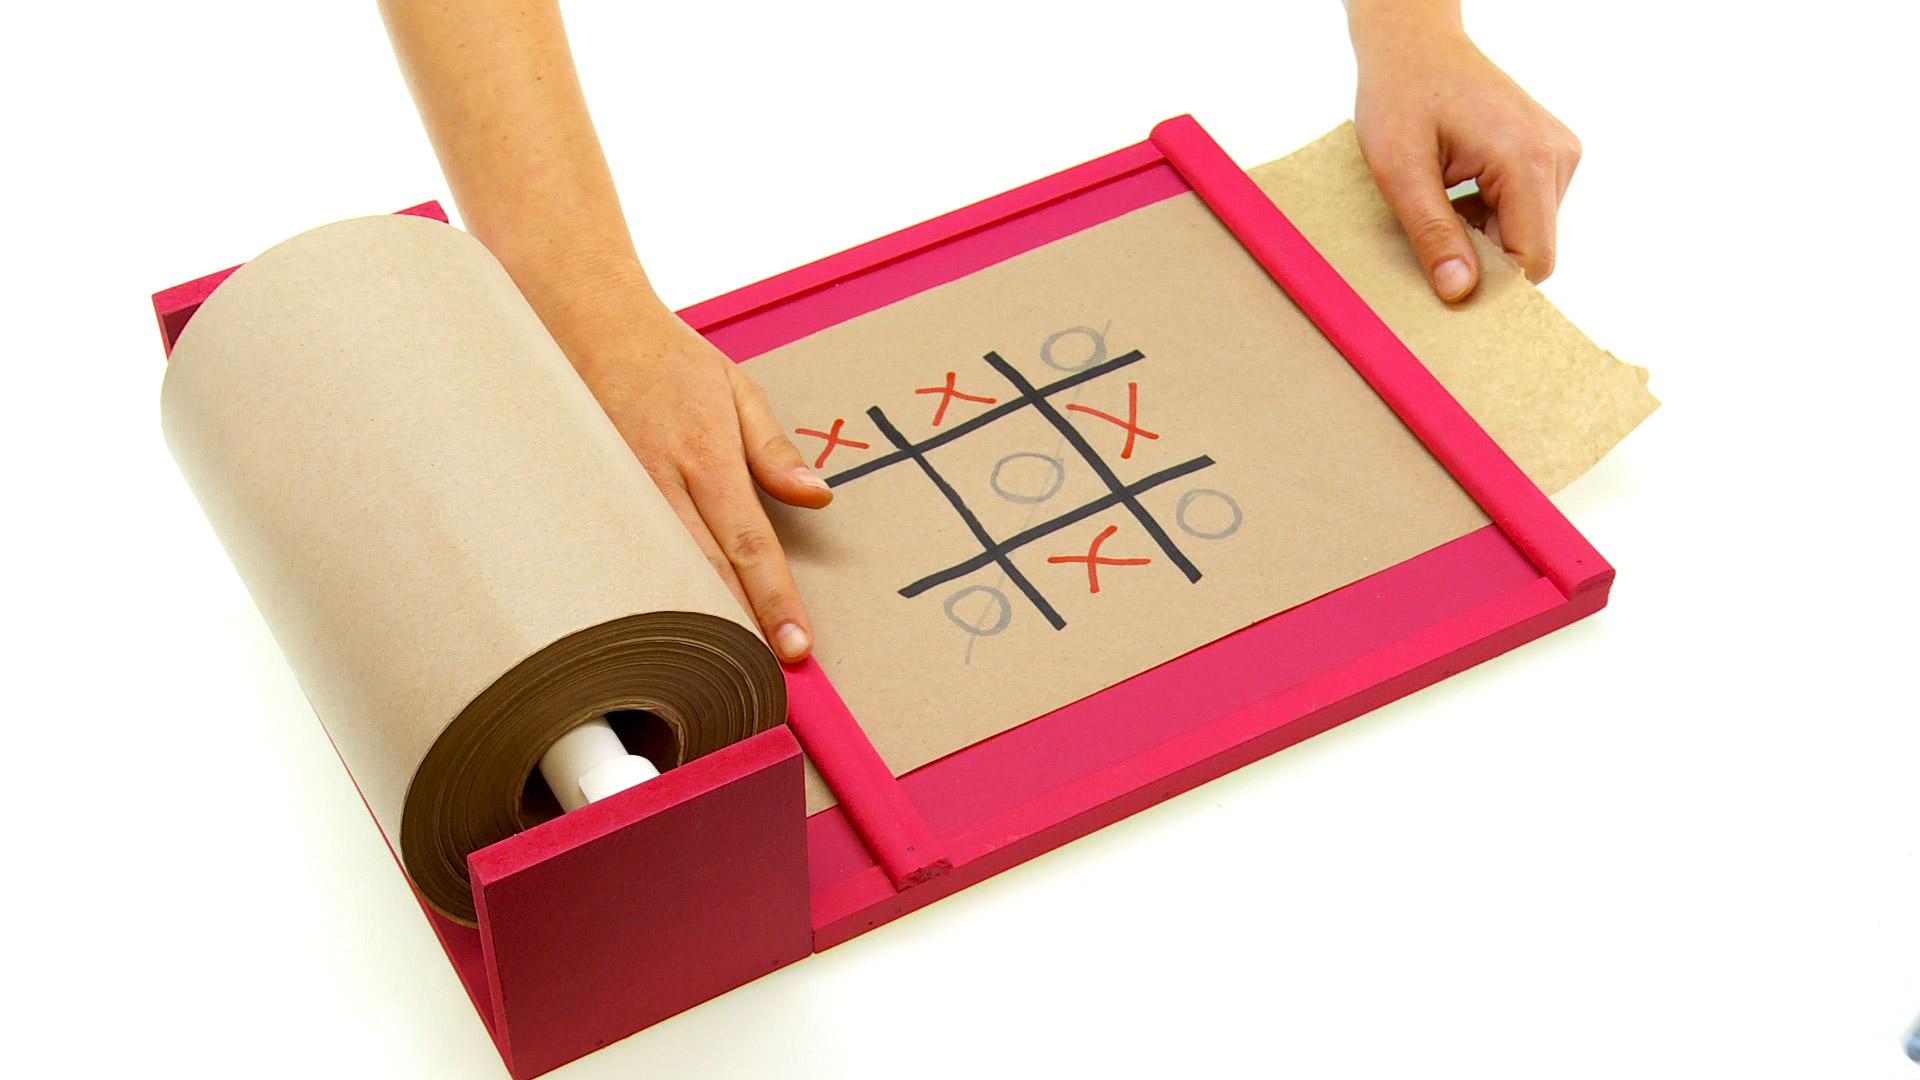 Un papelógrafo es un tipo de pizarra que se forma con un rollo de papel, un rollo casi interminable que sirve para las tareas, dejar anotaciones, o incluso para hacer juegos entre grandes y chicos.